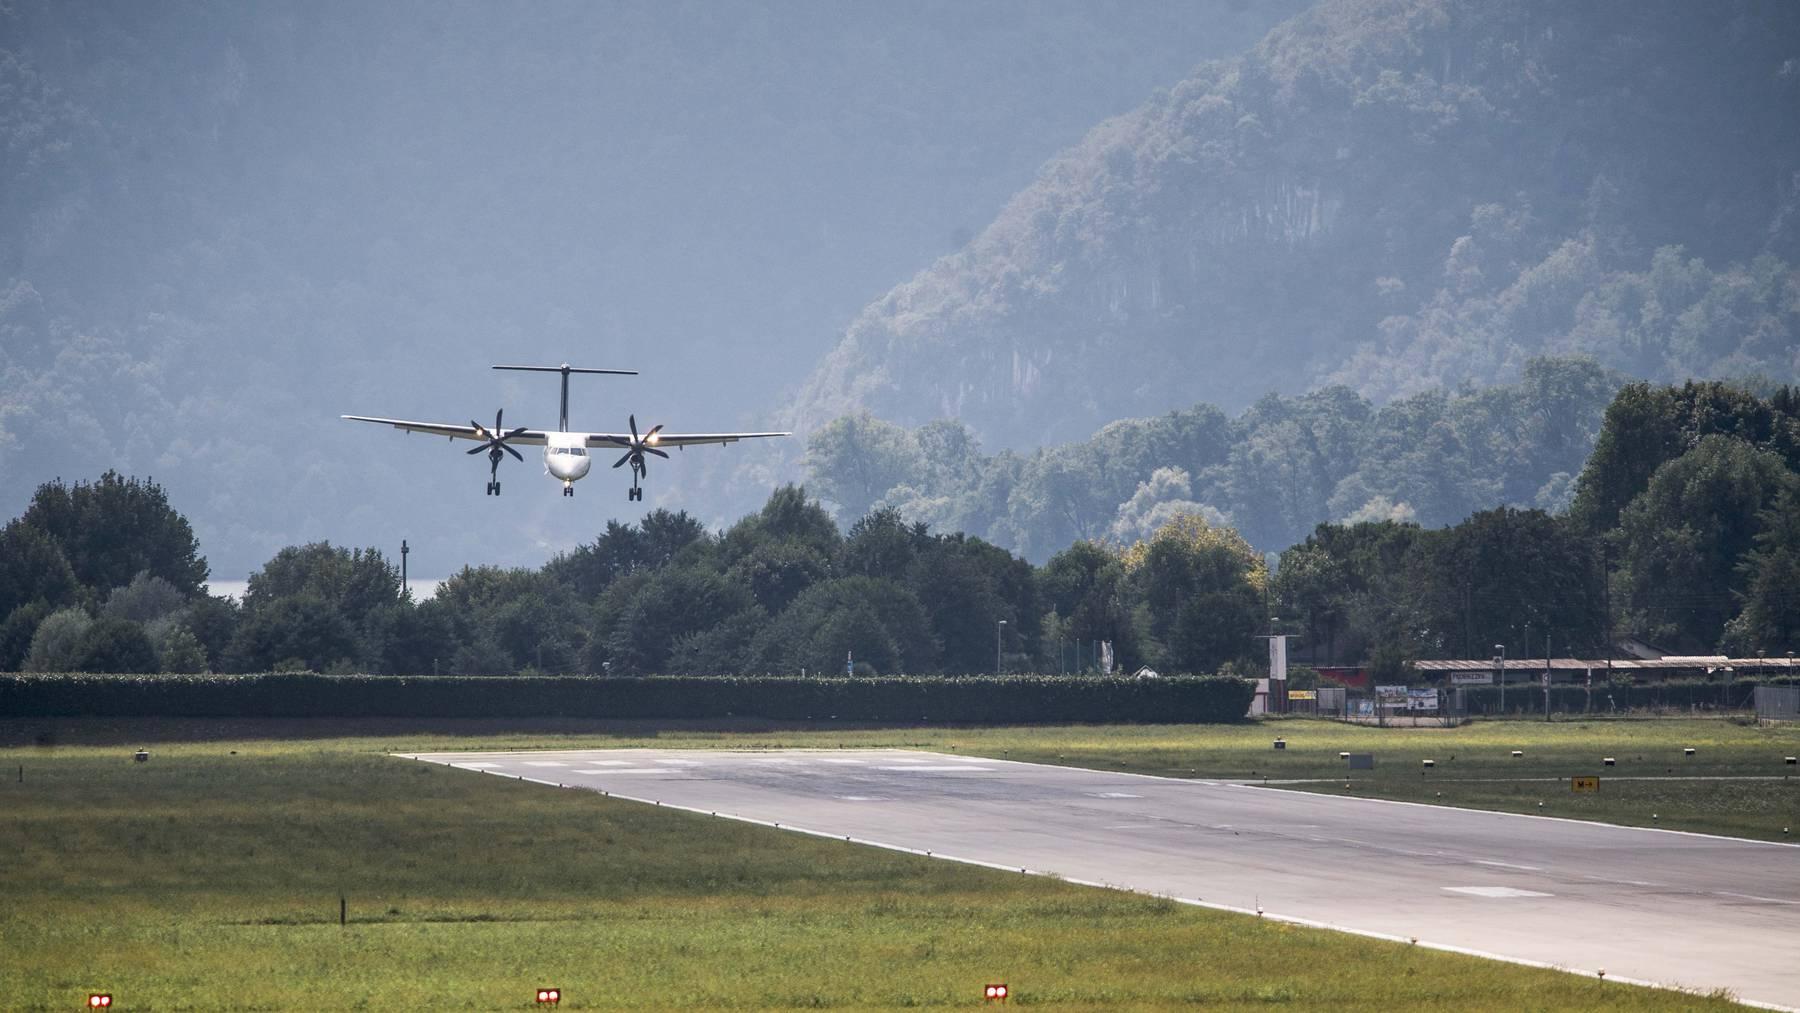 Landeanflug auf den Flughafen Lugano.